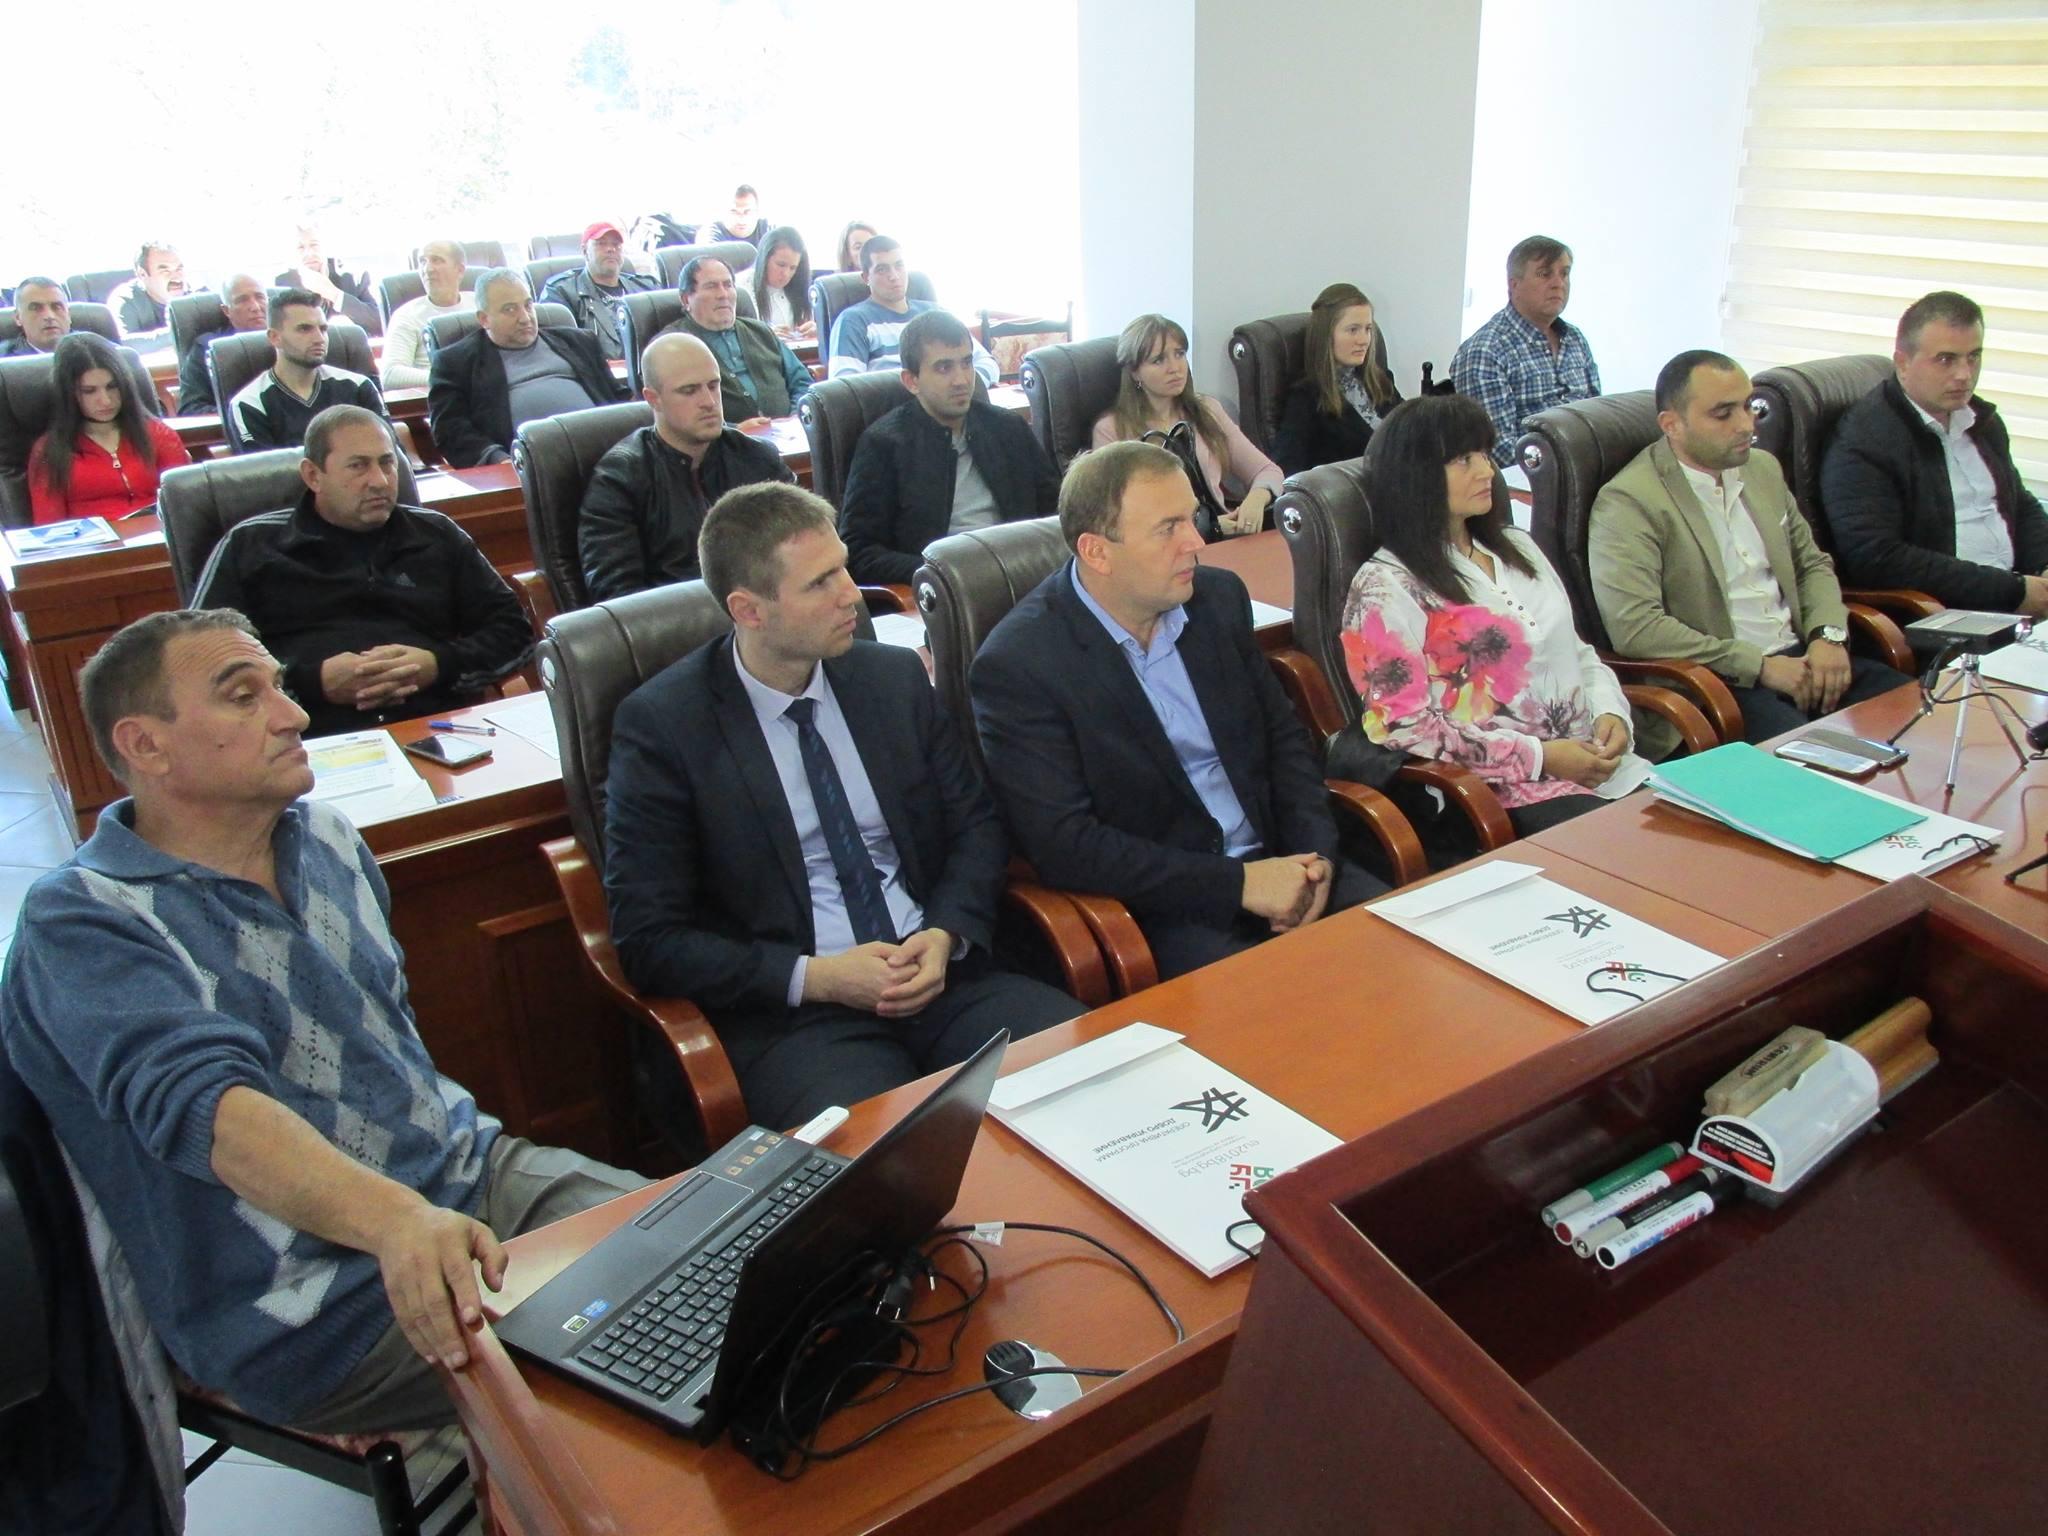 Община Сърница бе домакин на първото публично събитие по повод 10 години от членството на България в ЕС и Българското председателство на Съвета на ЕС